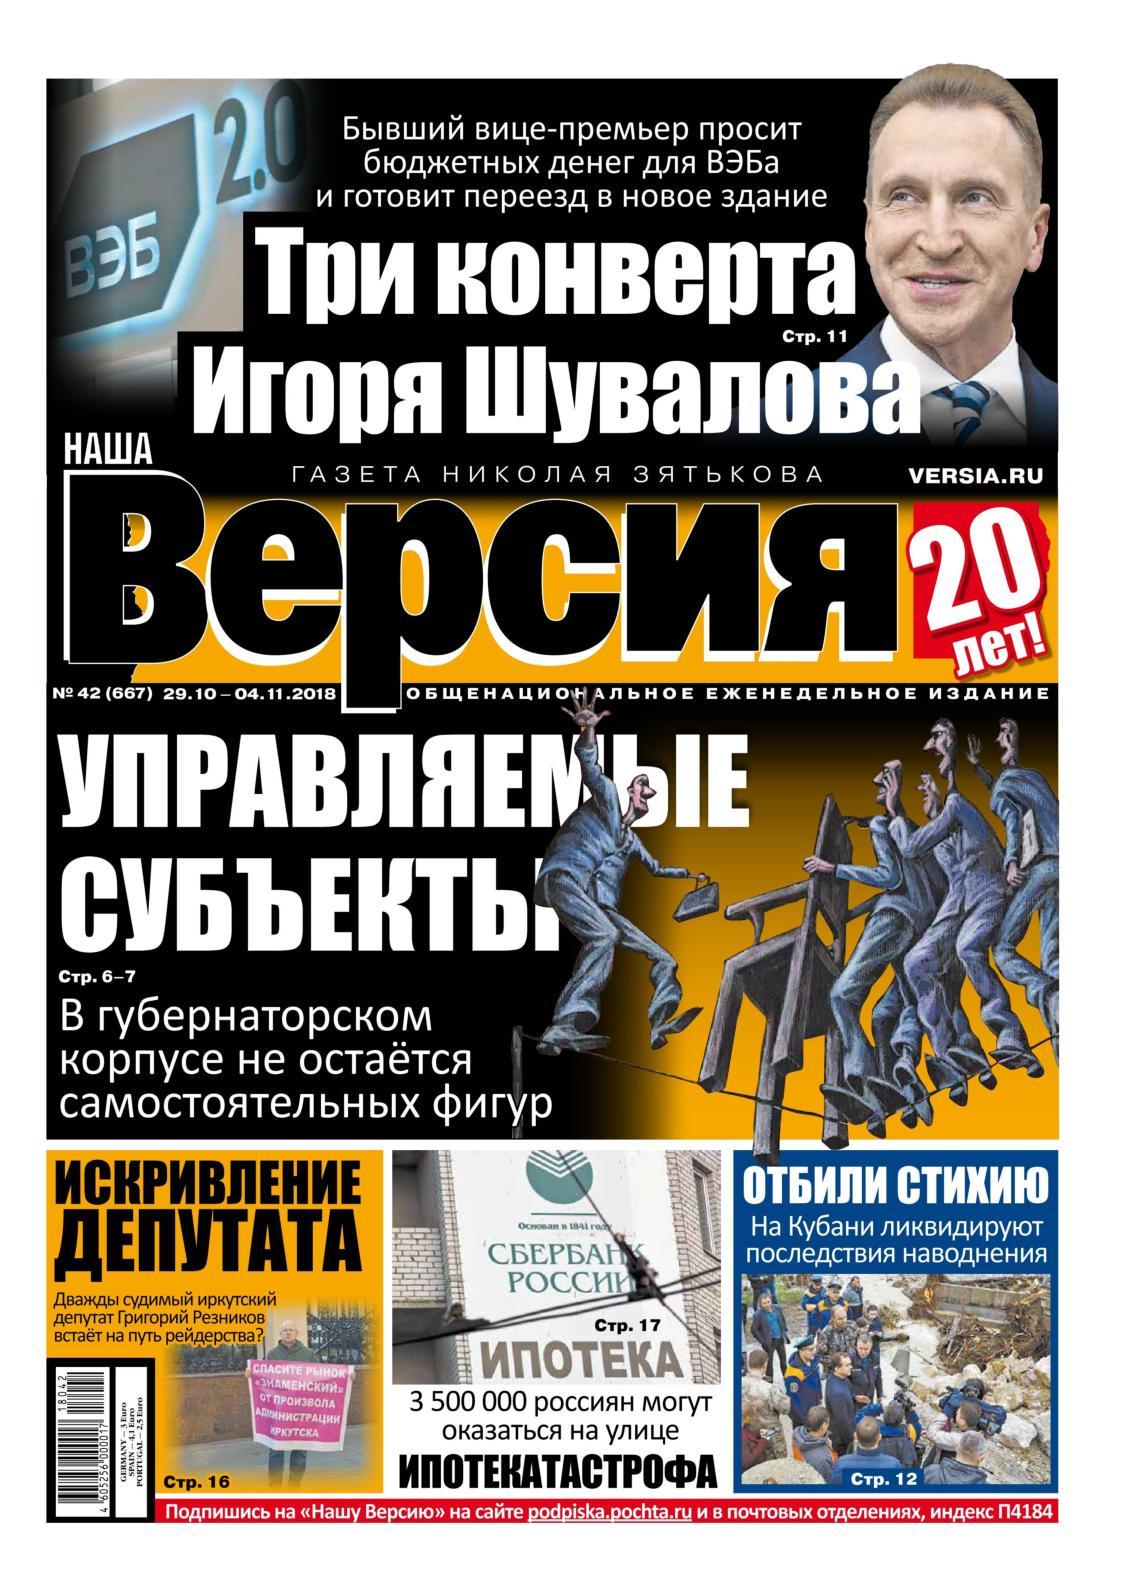 Западные СМИ пугают футбольных болельщиков странными законами России перед ЧМ-2018 новейшие фото